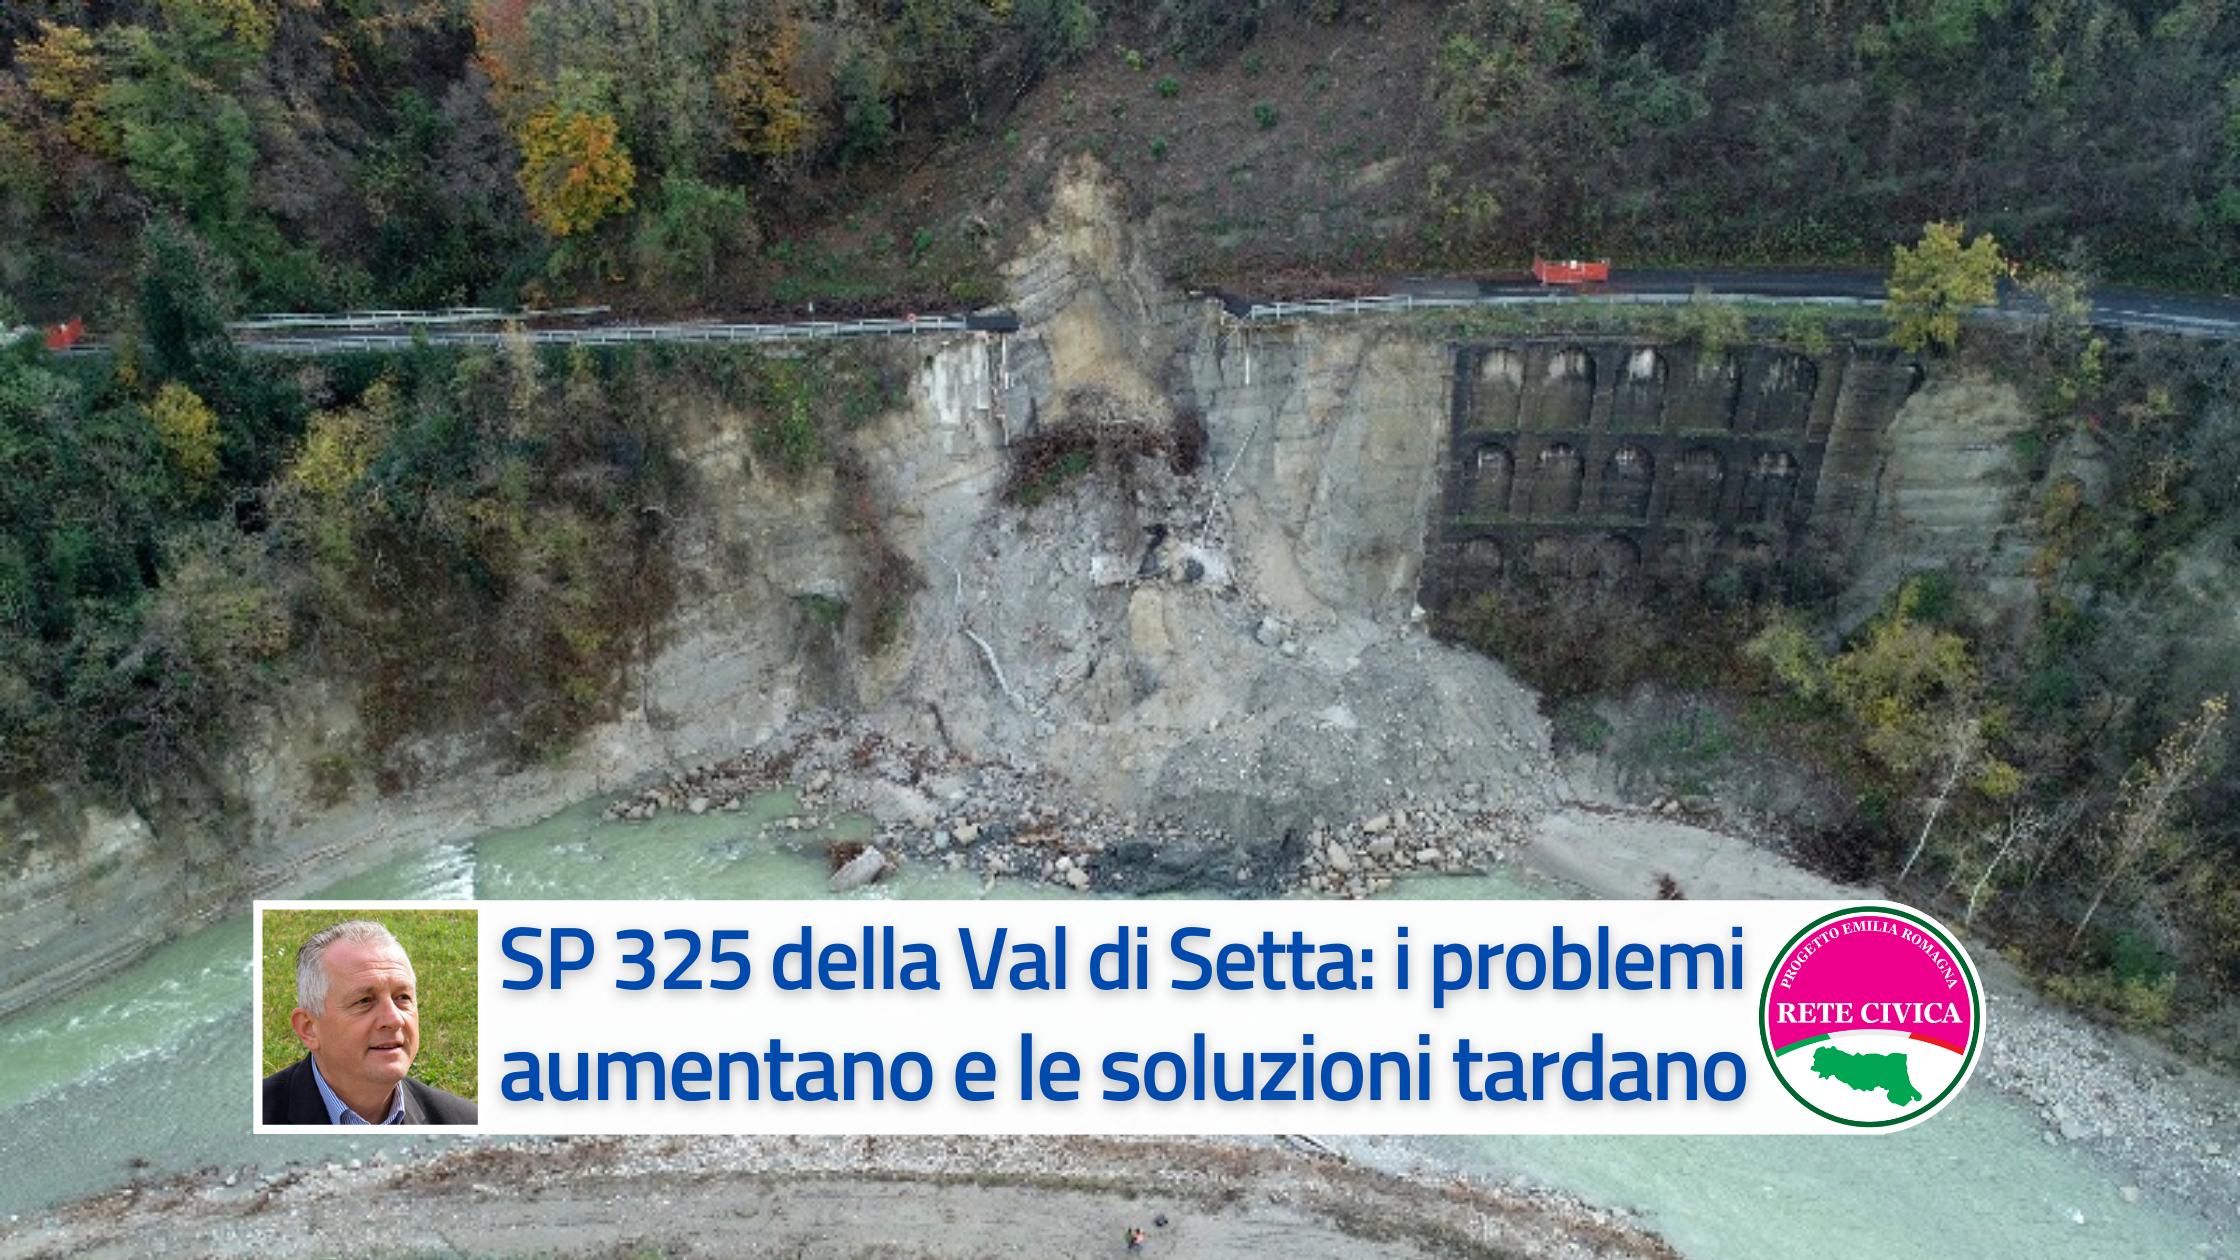 You are currently viewing SP 325 della Valle del Setta: i problemi aumentano, le soluzioni tardano